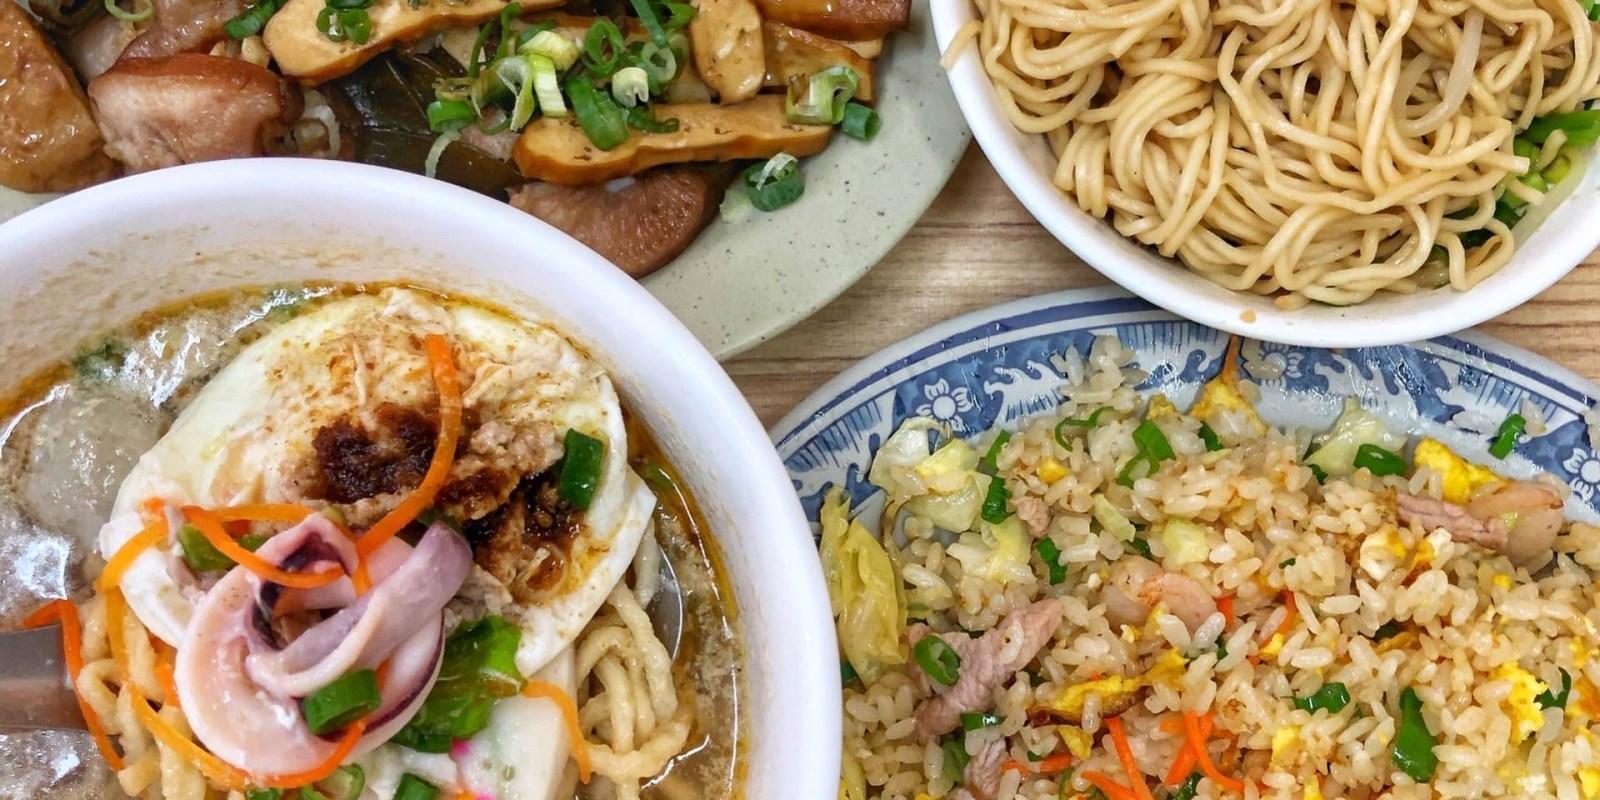 【台南美食】永大夜市附近平價美食「陳媽媽麵店」超過50種餐點選擇便宜又好吃 深受在地人喜歡!永康區美食|台南小吃